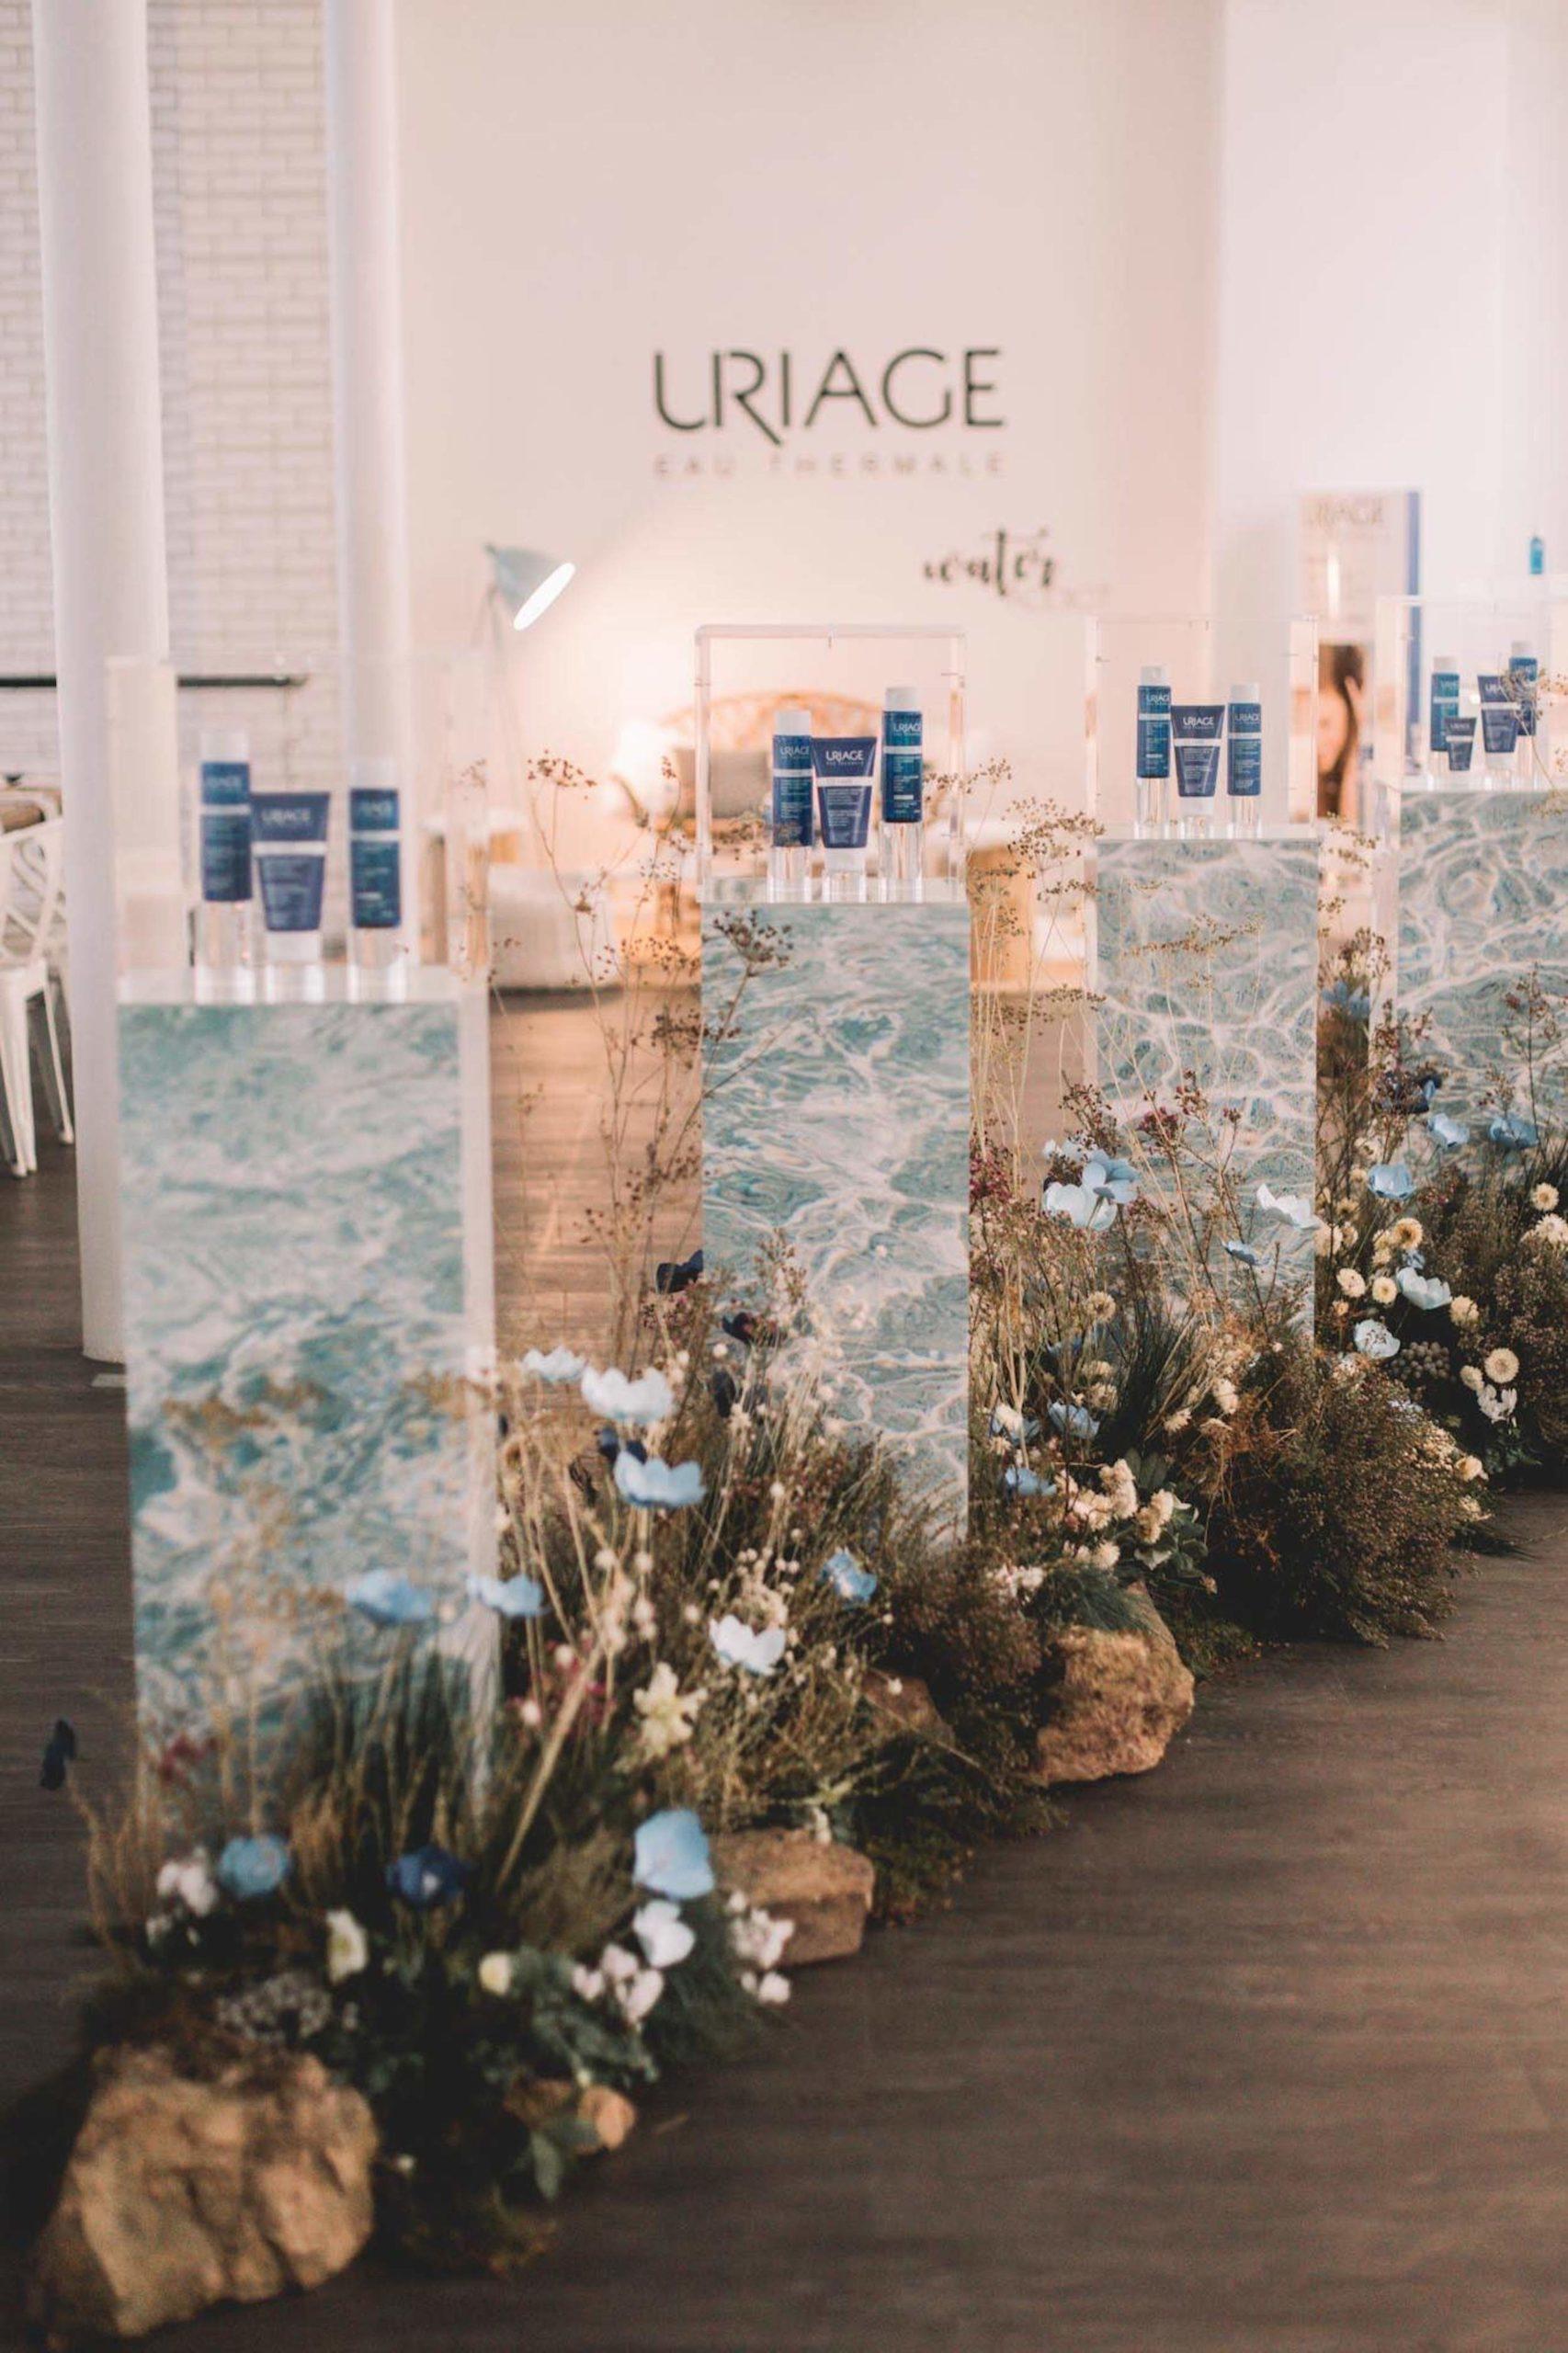 Reflets Fleurs - Scénographe floral - Fleuriste évènements Paris - Uriage